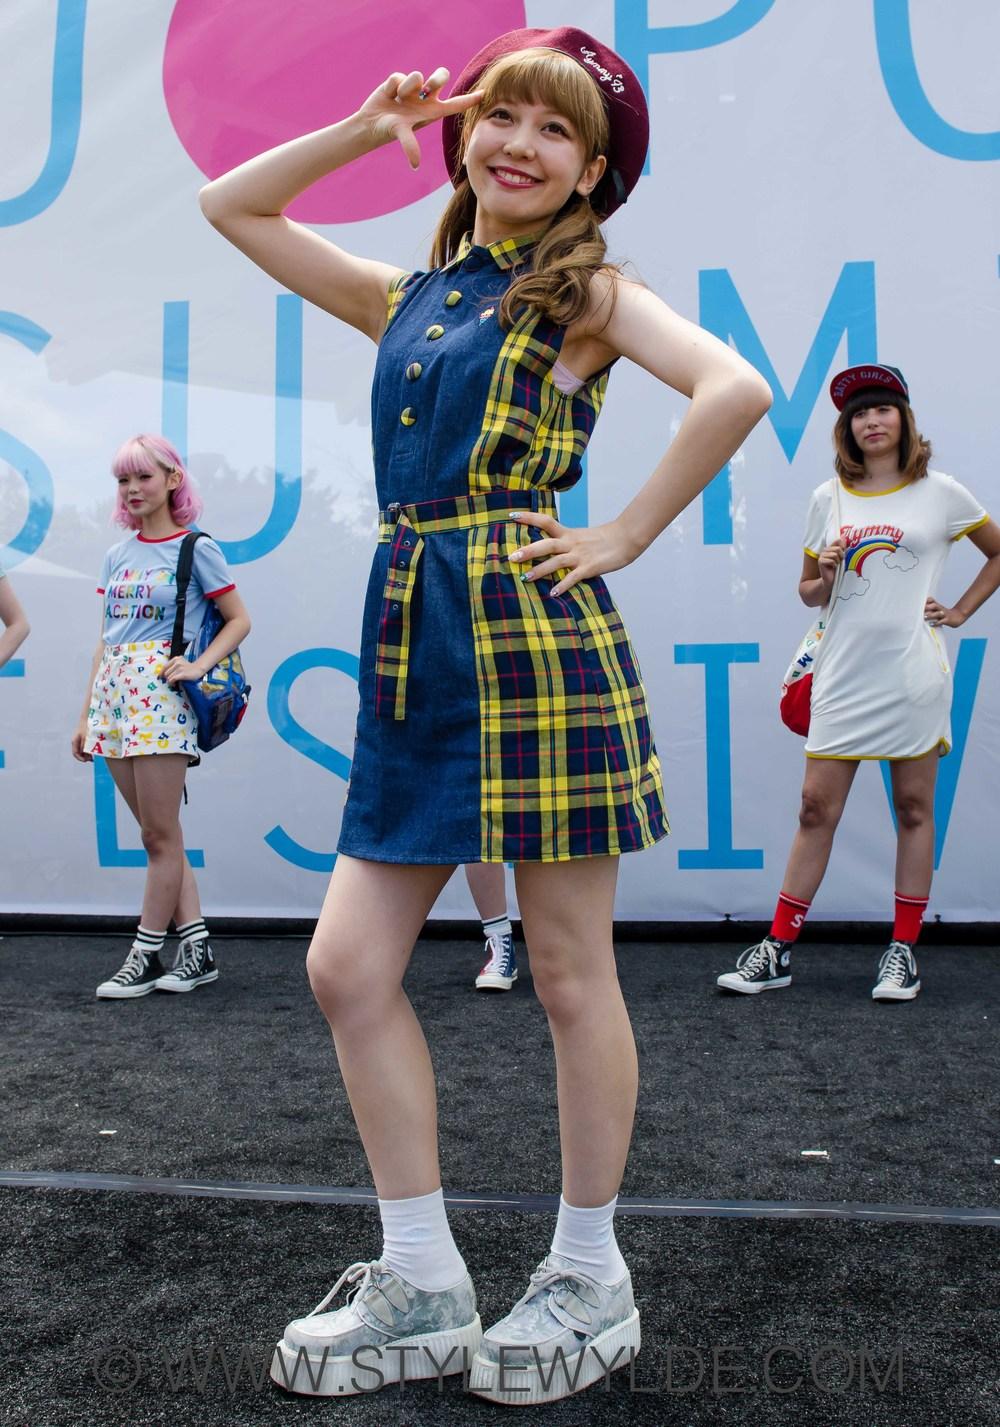 StyleWylde_JP14_MISA_CHA2 (1 of 1).jpg